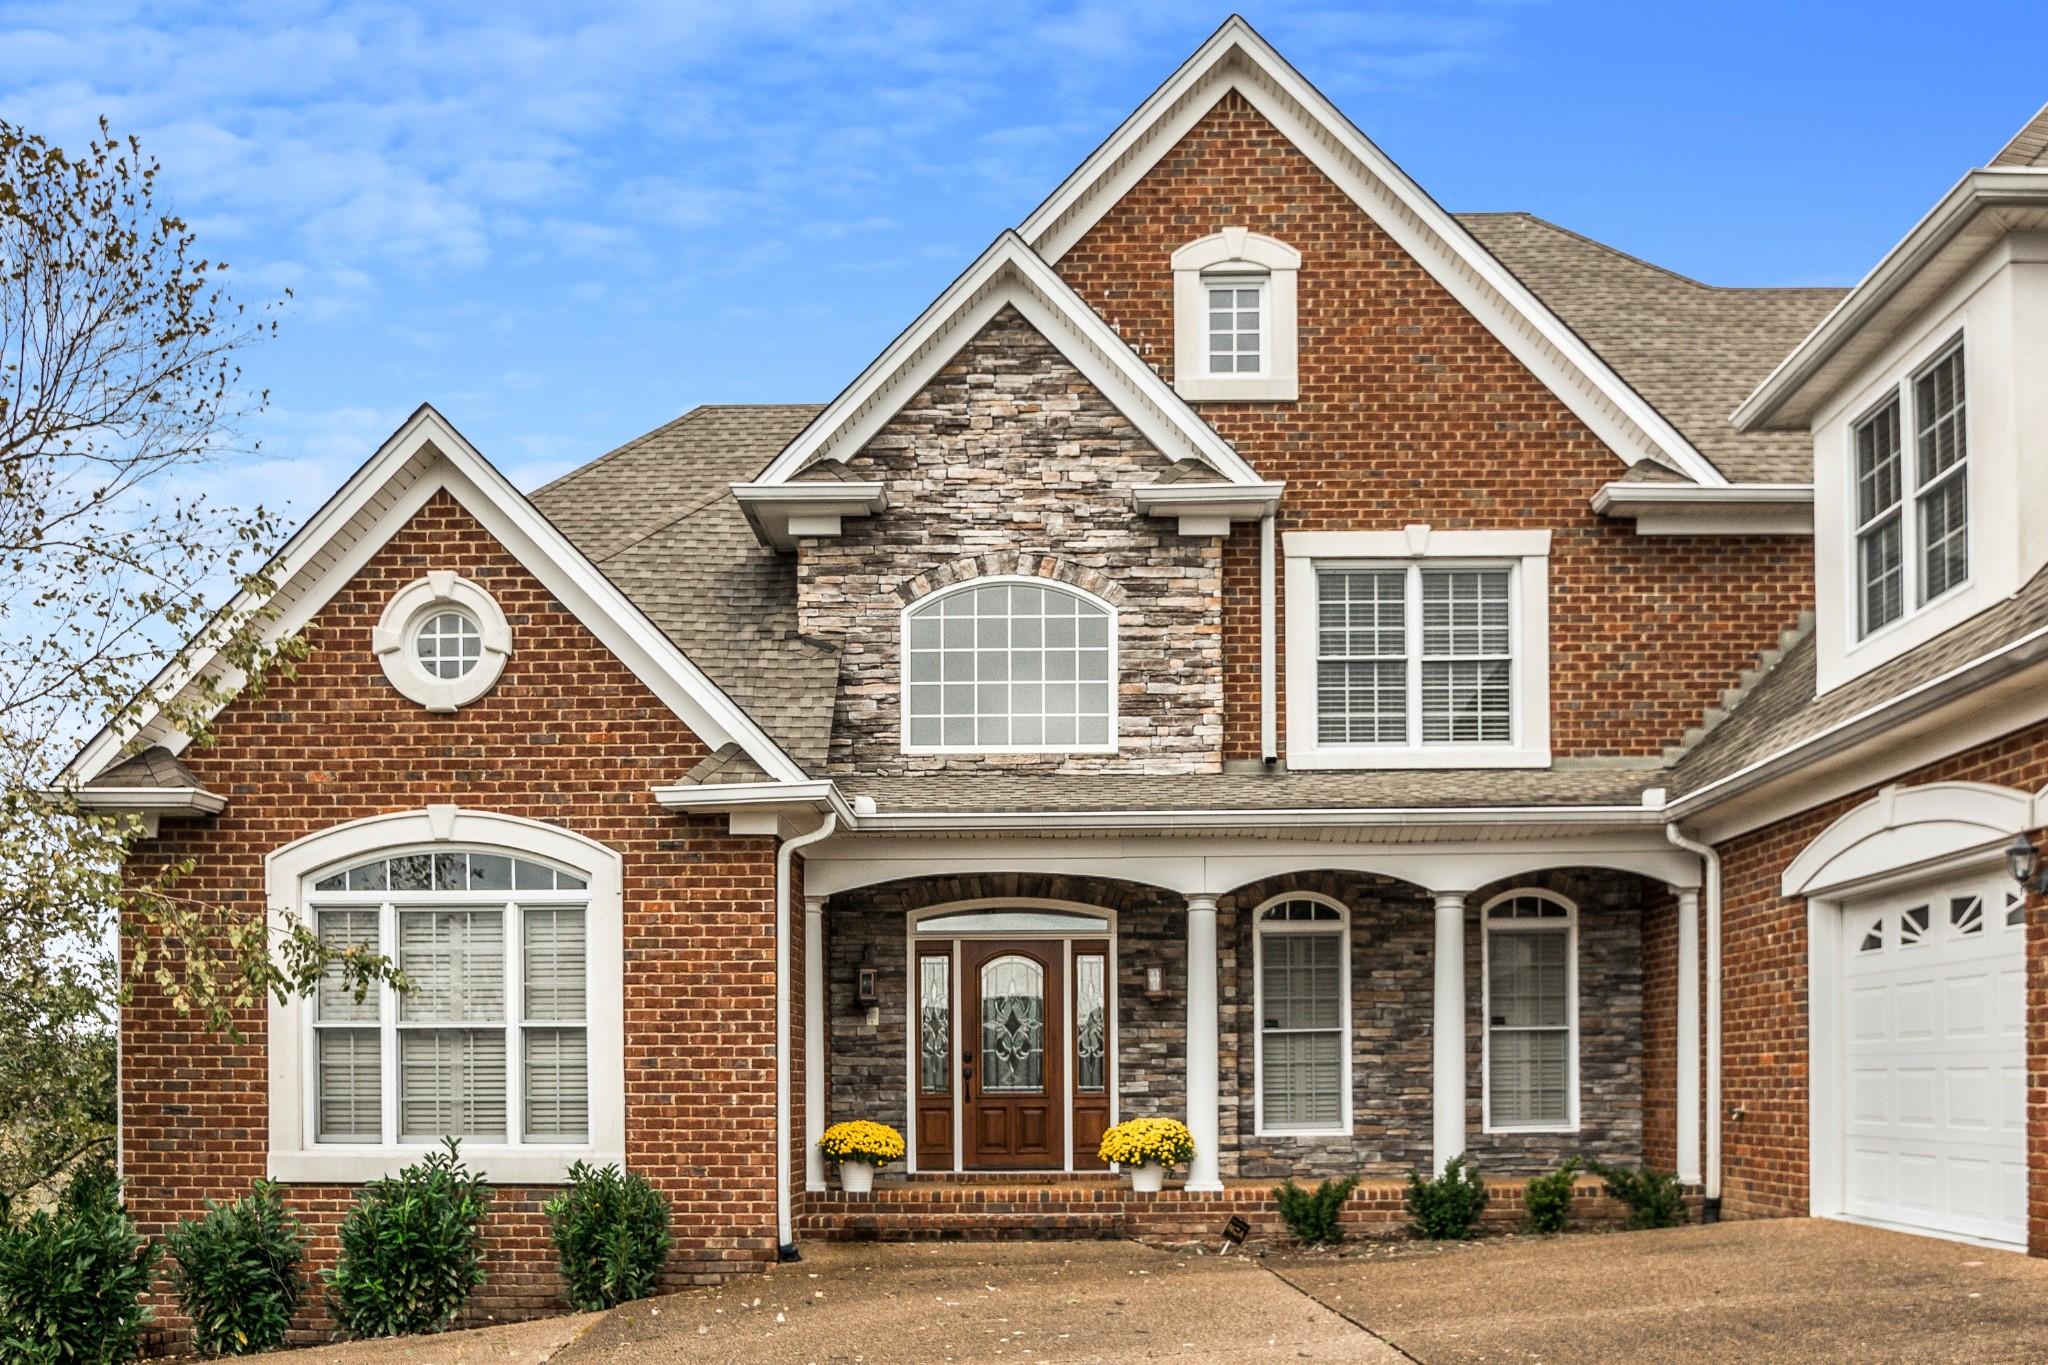 1268 Twelve Stones Crossing, Goodlettsville, TN 37072 - Goodlettsville, TN real estate listing